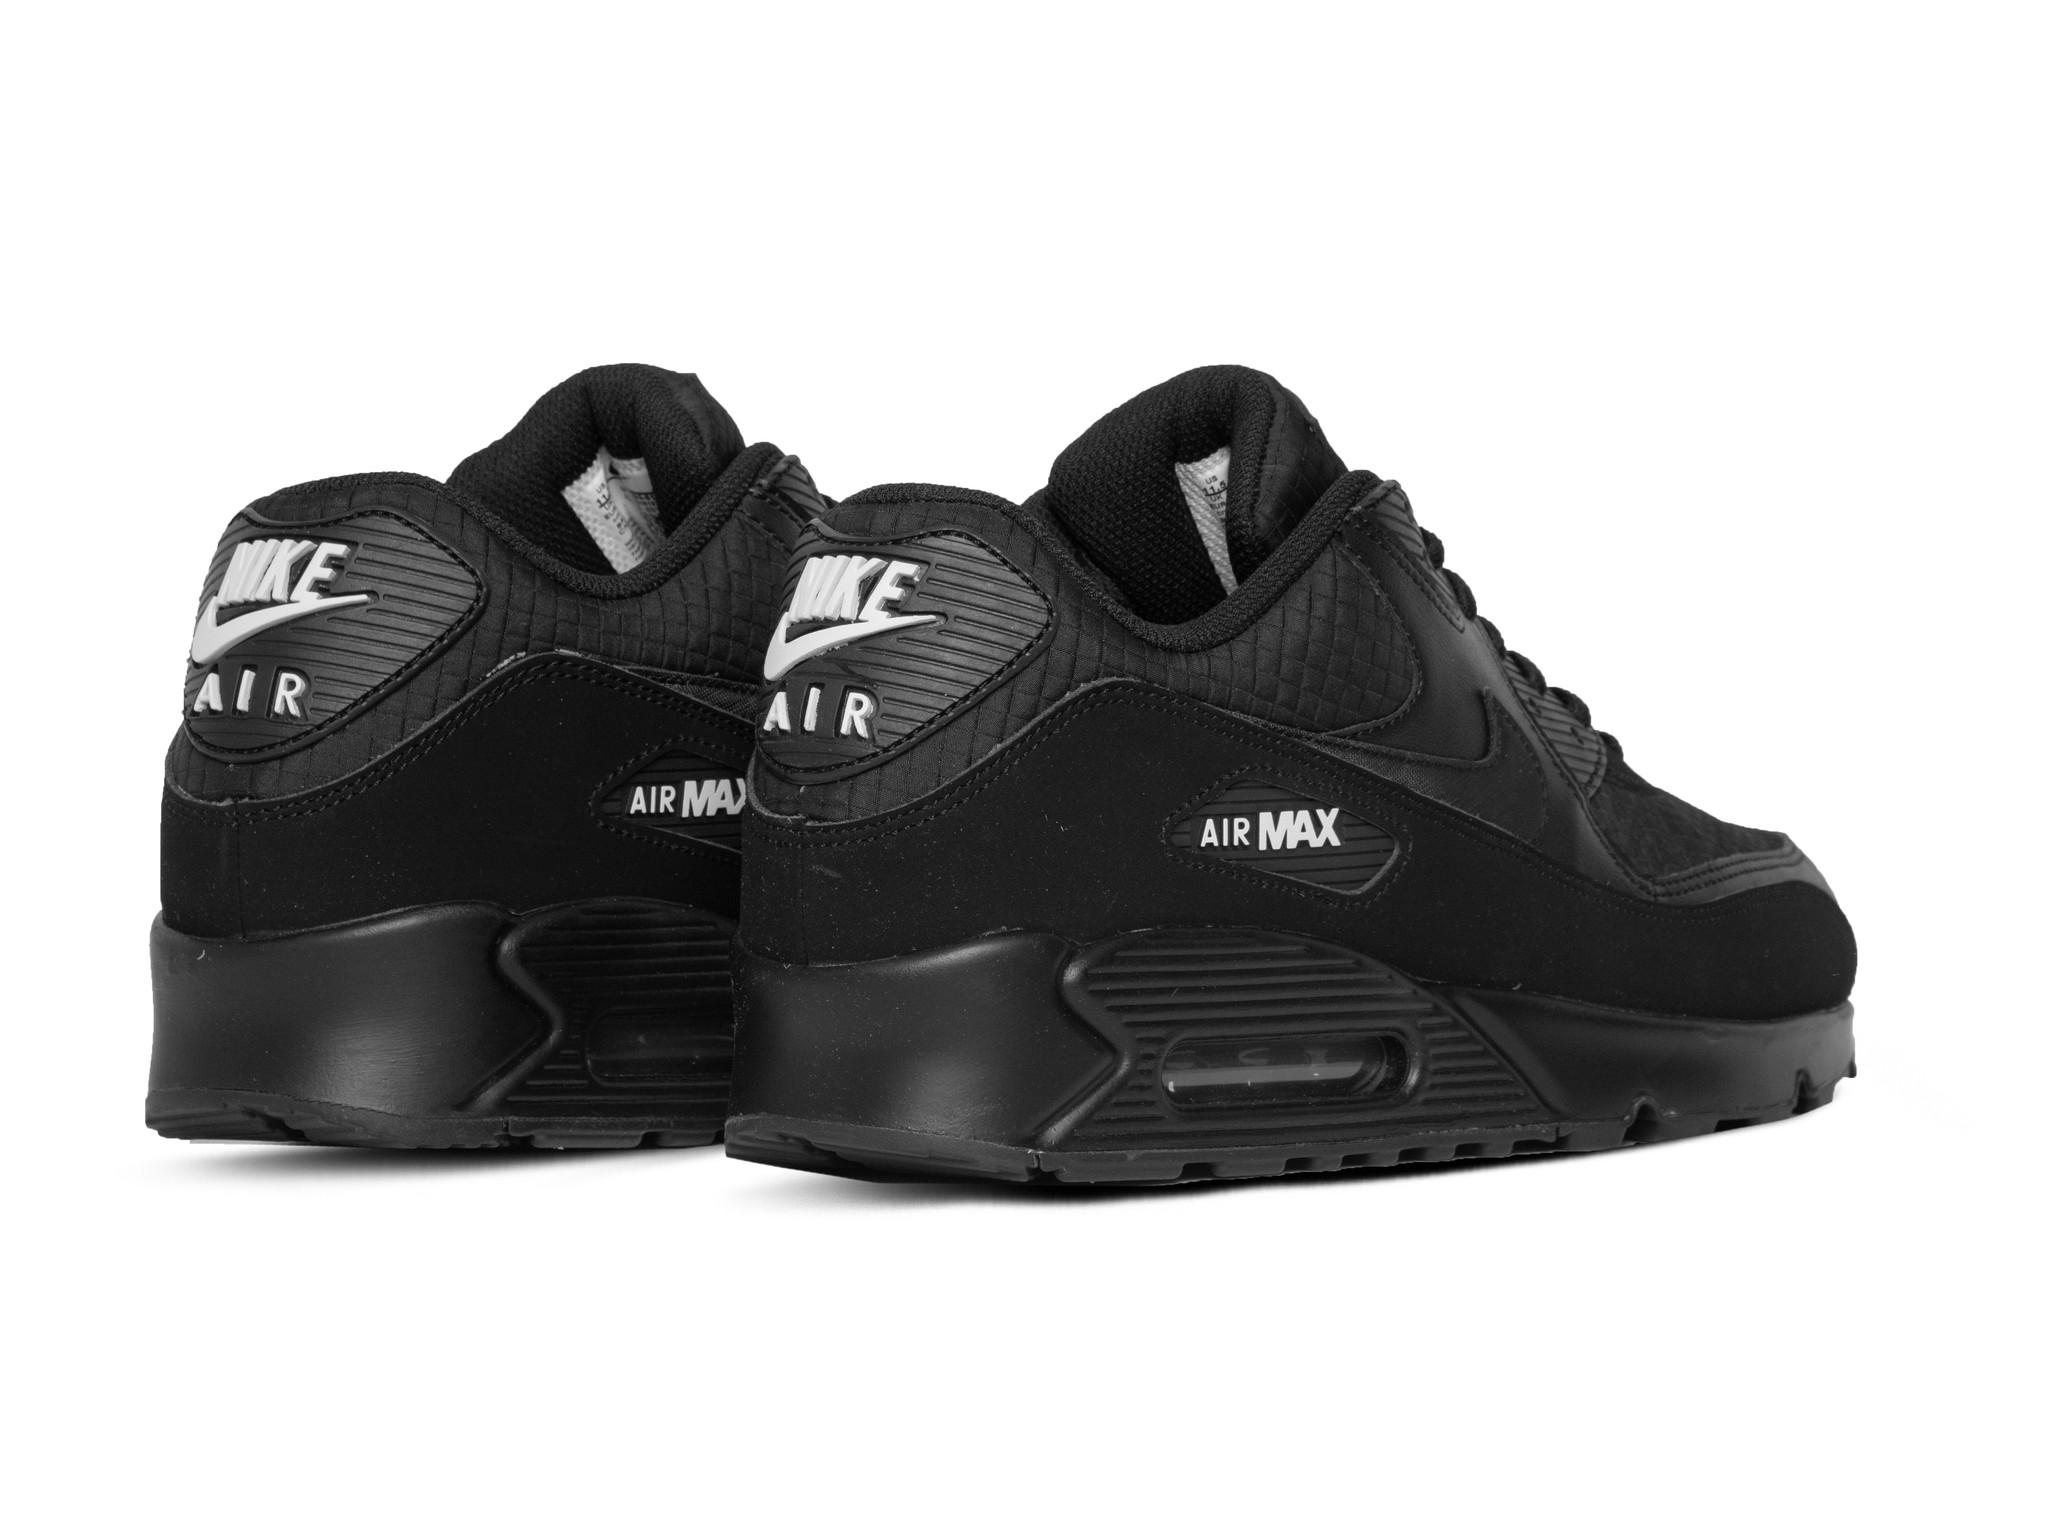 Suchergebnis auf für: nike air max 90 damen Nike